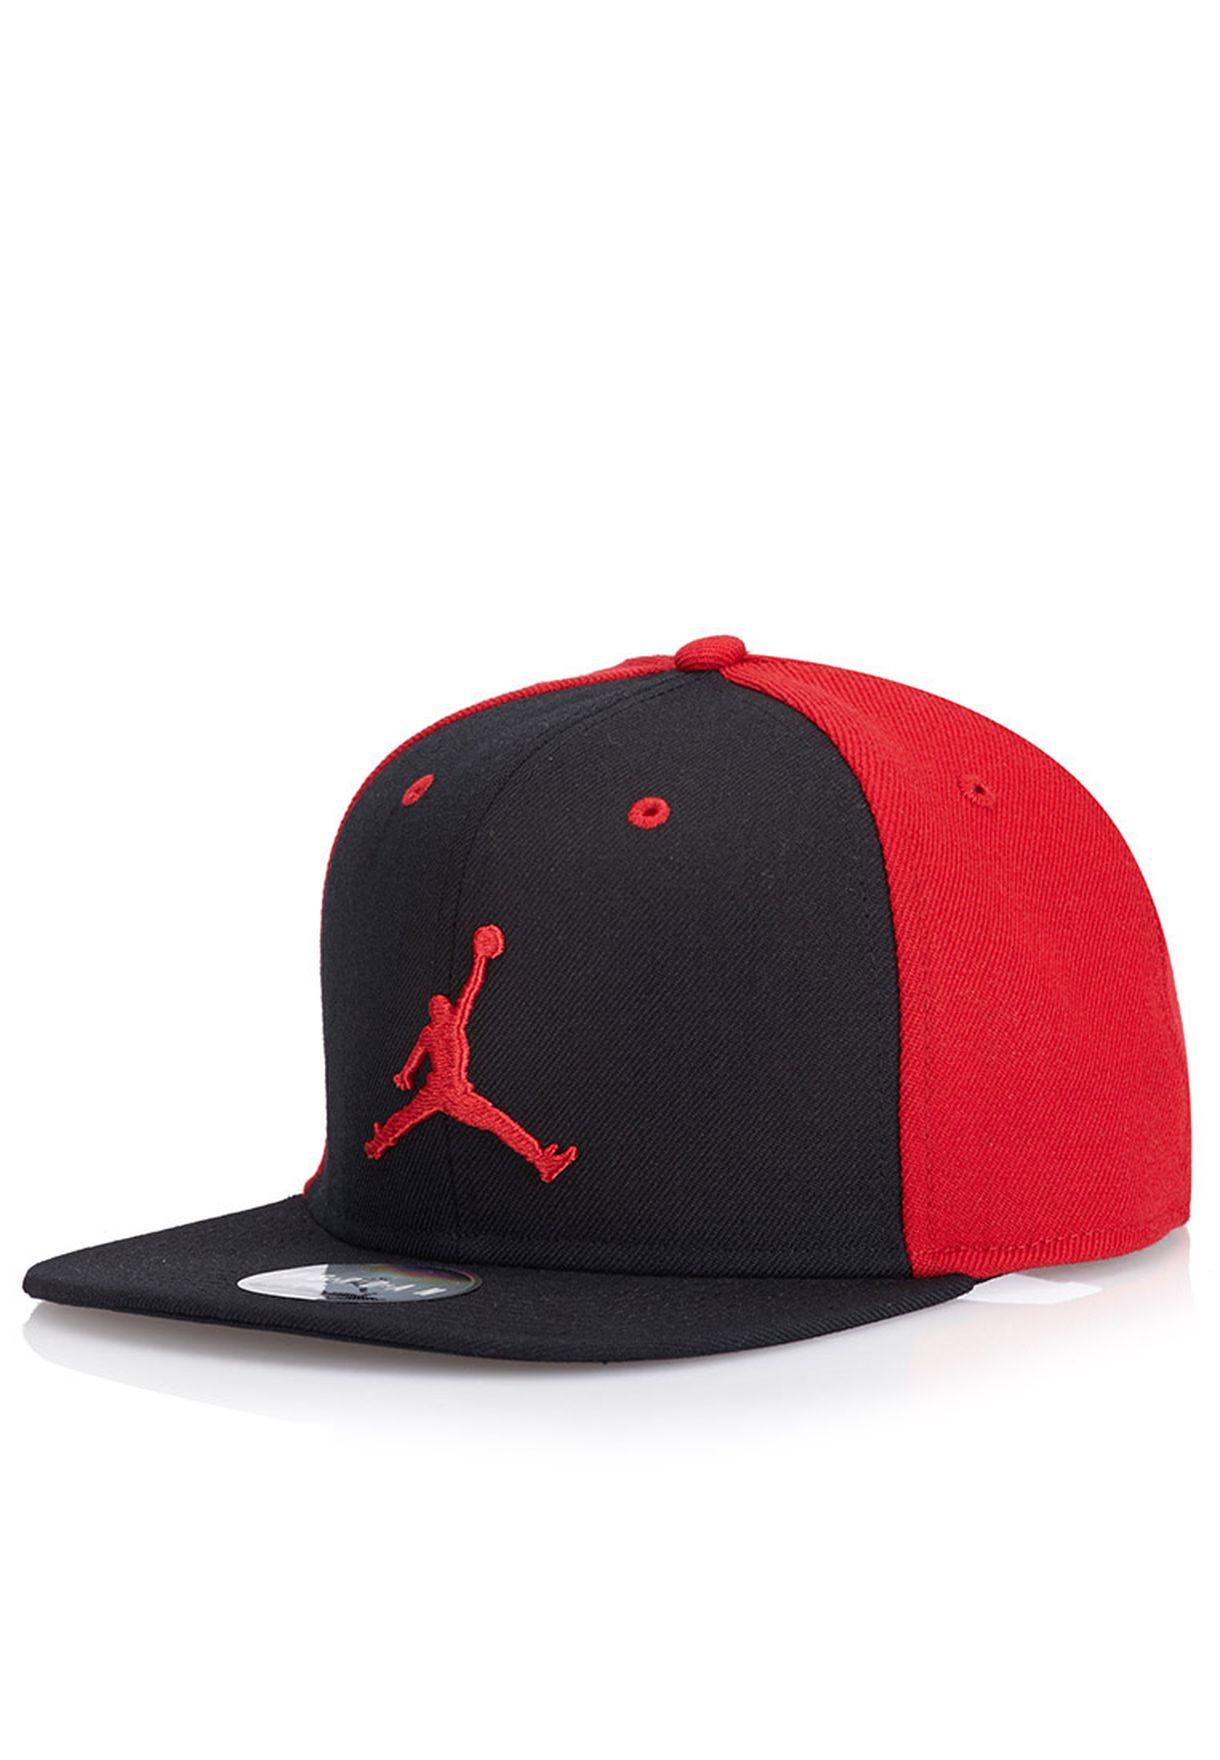 52e918b4fe4881 discount code for jordan jumpman cap price uk ca2b4 7c869